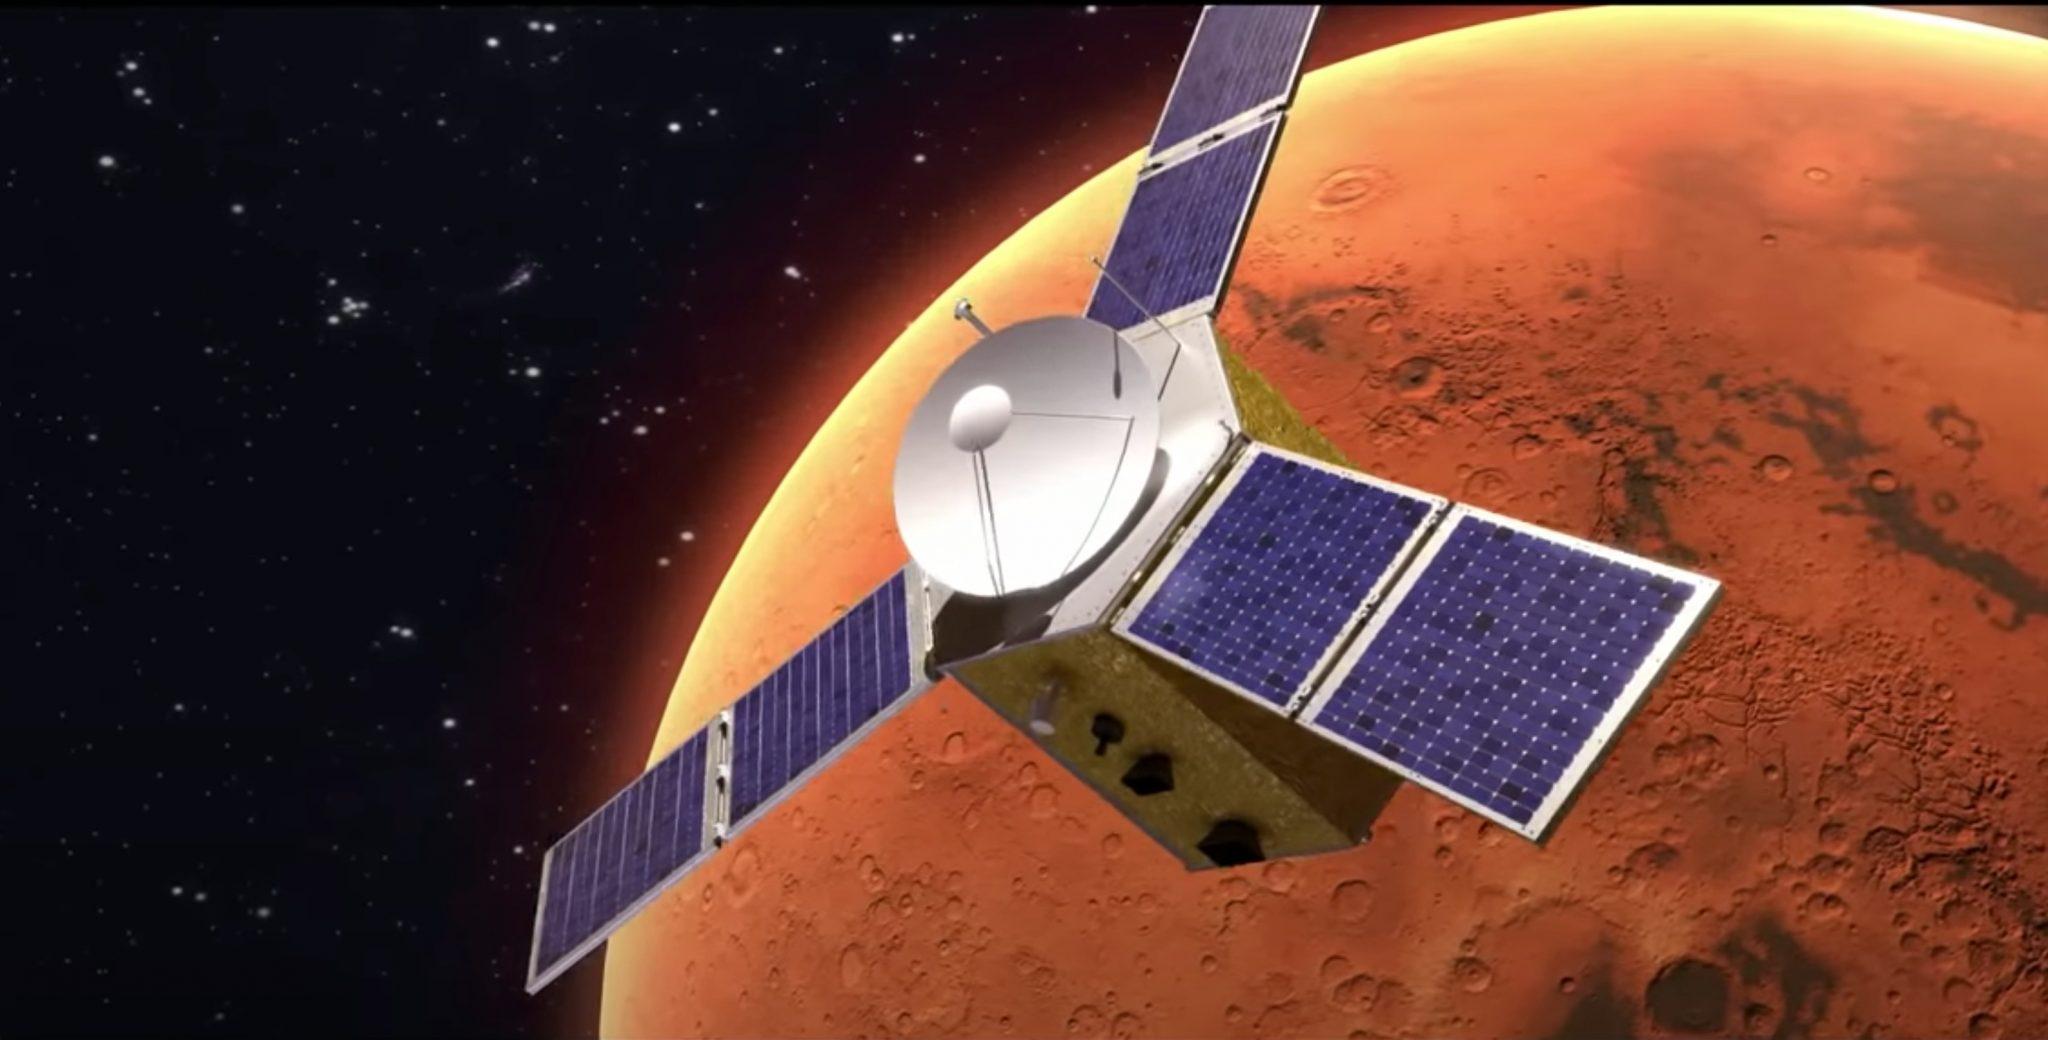 uae-mars-mission-hope.jpg